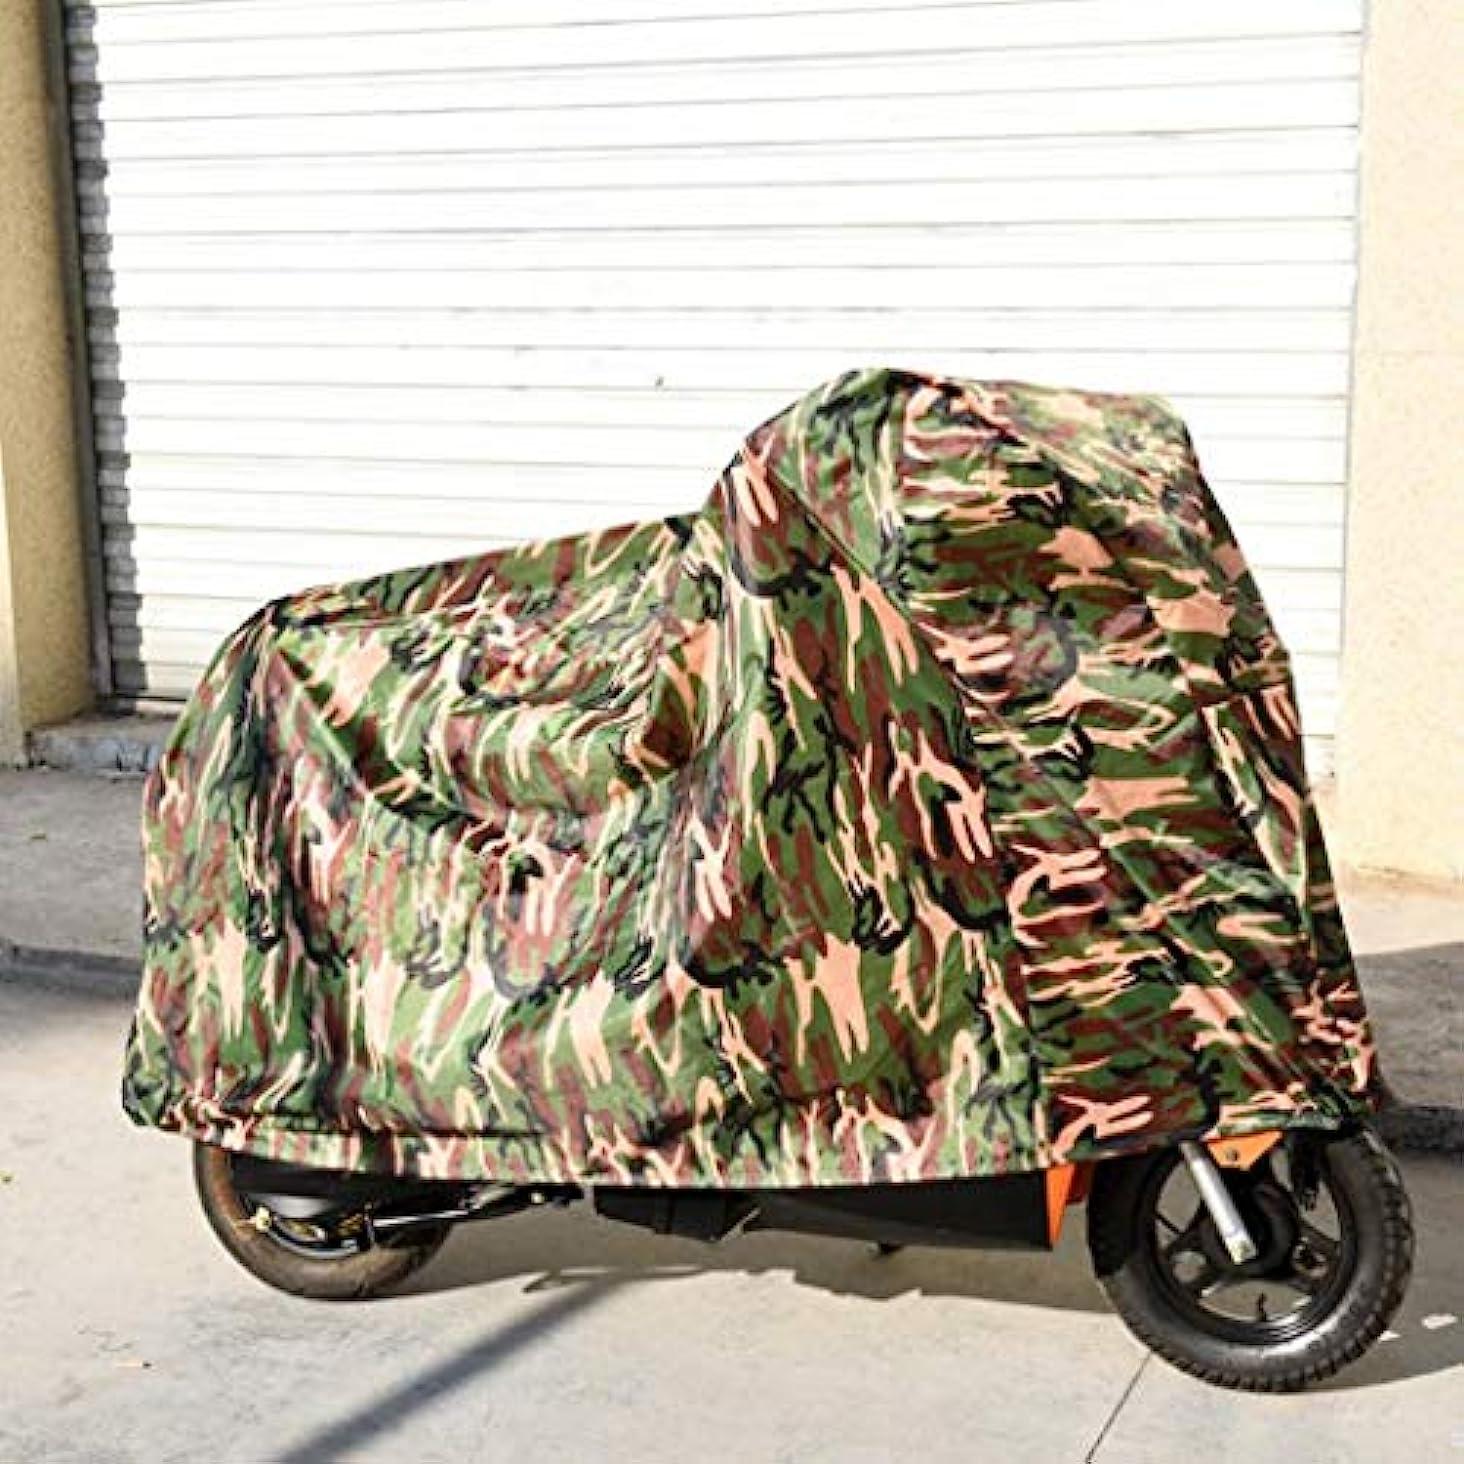 行進解決するアルファベット順自転車は自転車レインカバーアウトドア用保護バイクプロテクター付き外ストレージ用防水自転車カバーをカバー (Color : Green)